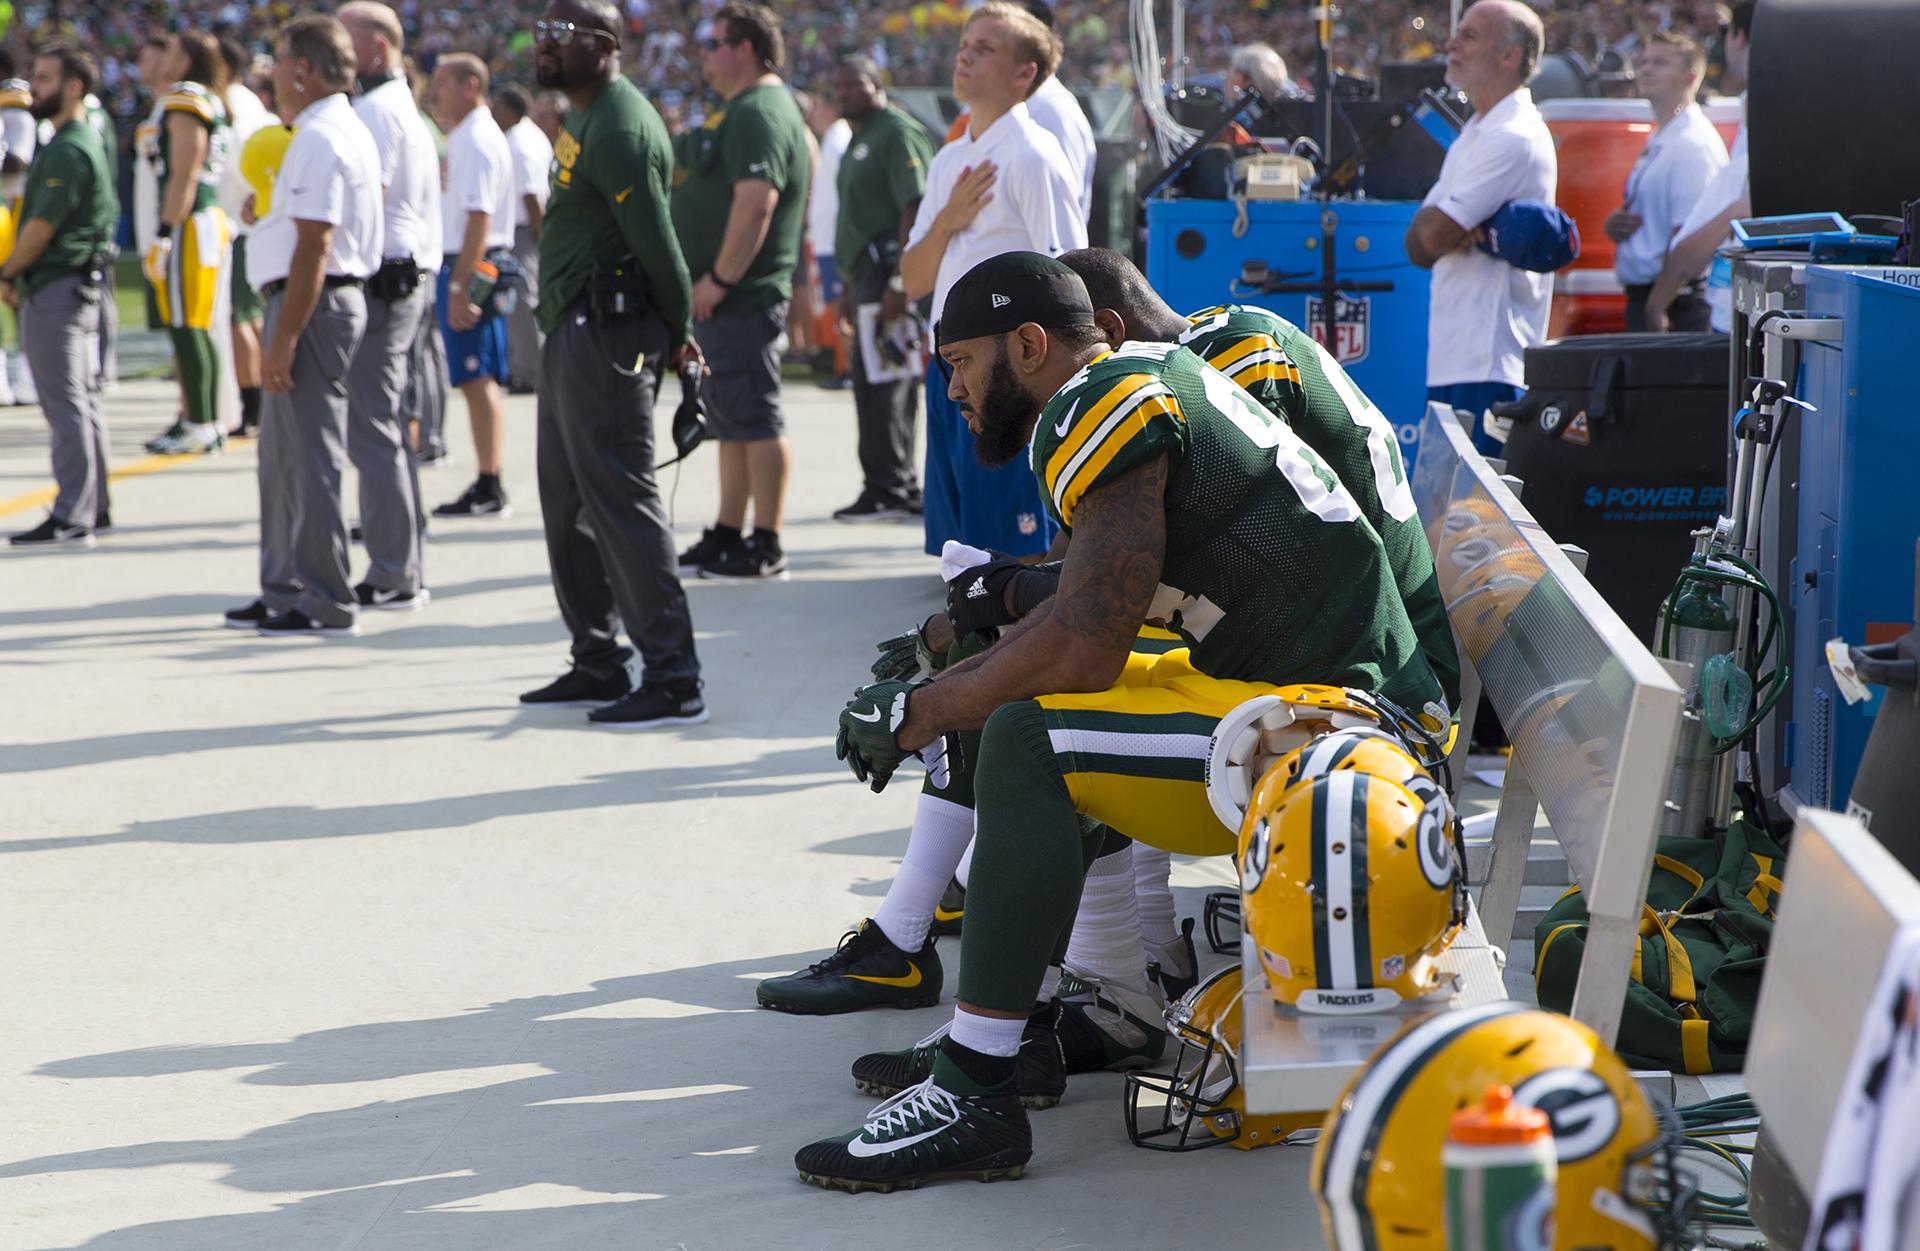 Green Bay Packers: Lance Kendricks (84) y Martellus Bennett (80) se sientan en el banco durante el himno nacional antes del juego contra los Cincinnati Bengals en el campo de Lambeau